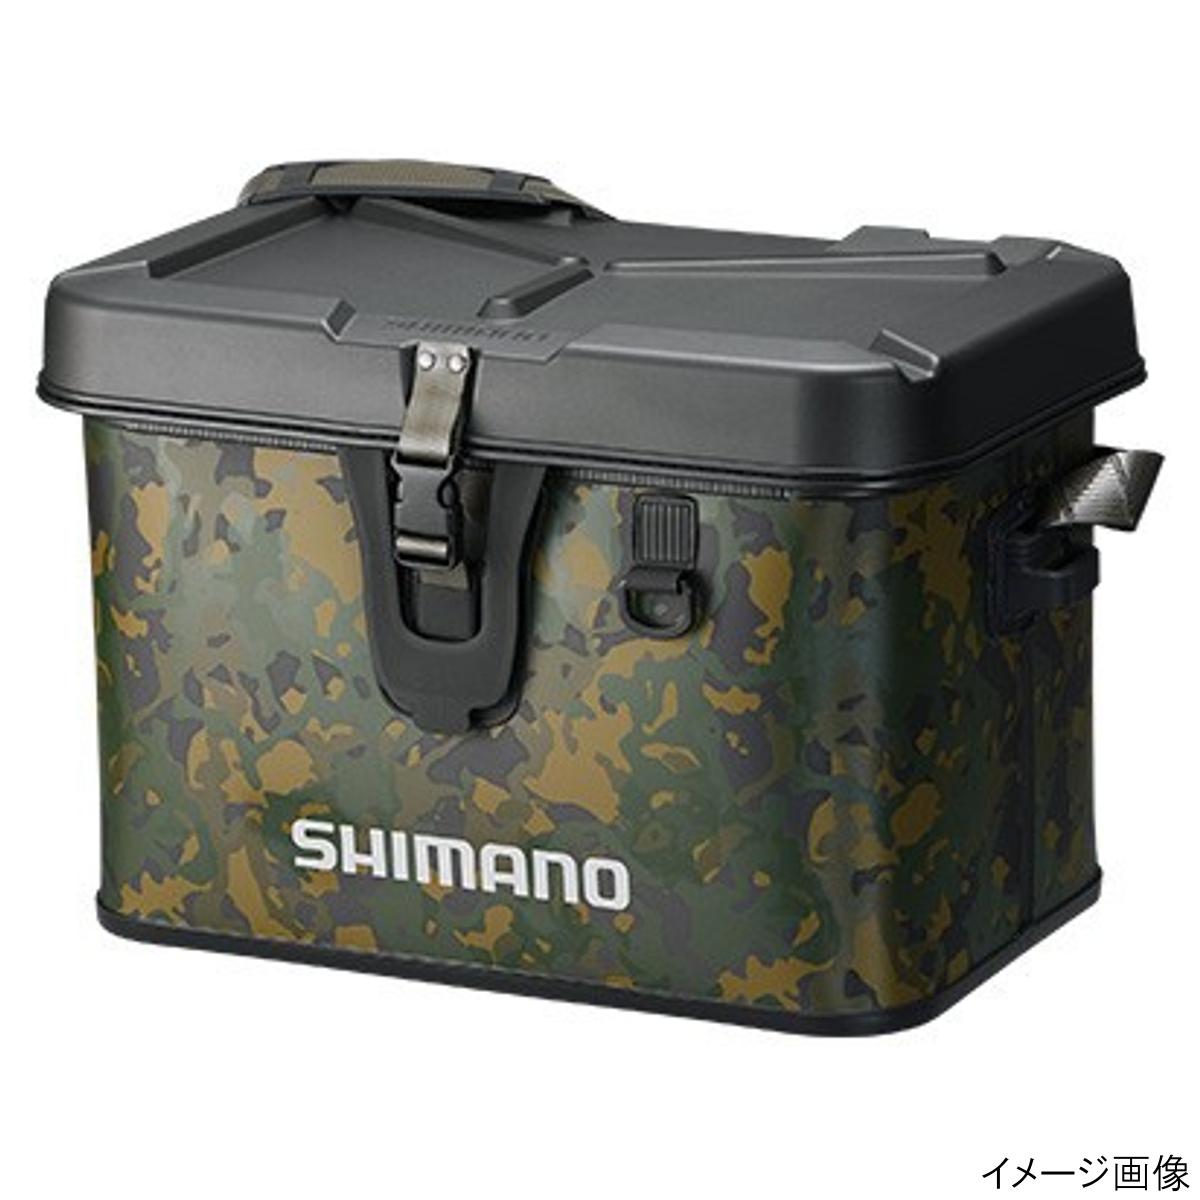 【4/1 24時間限定!エントリーで最大P31倍】シマノ タックルボートバッグ(ハードタイプ) BK-001Q 27L ベージュウィードカモ(東日本店)